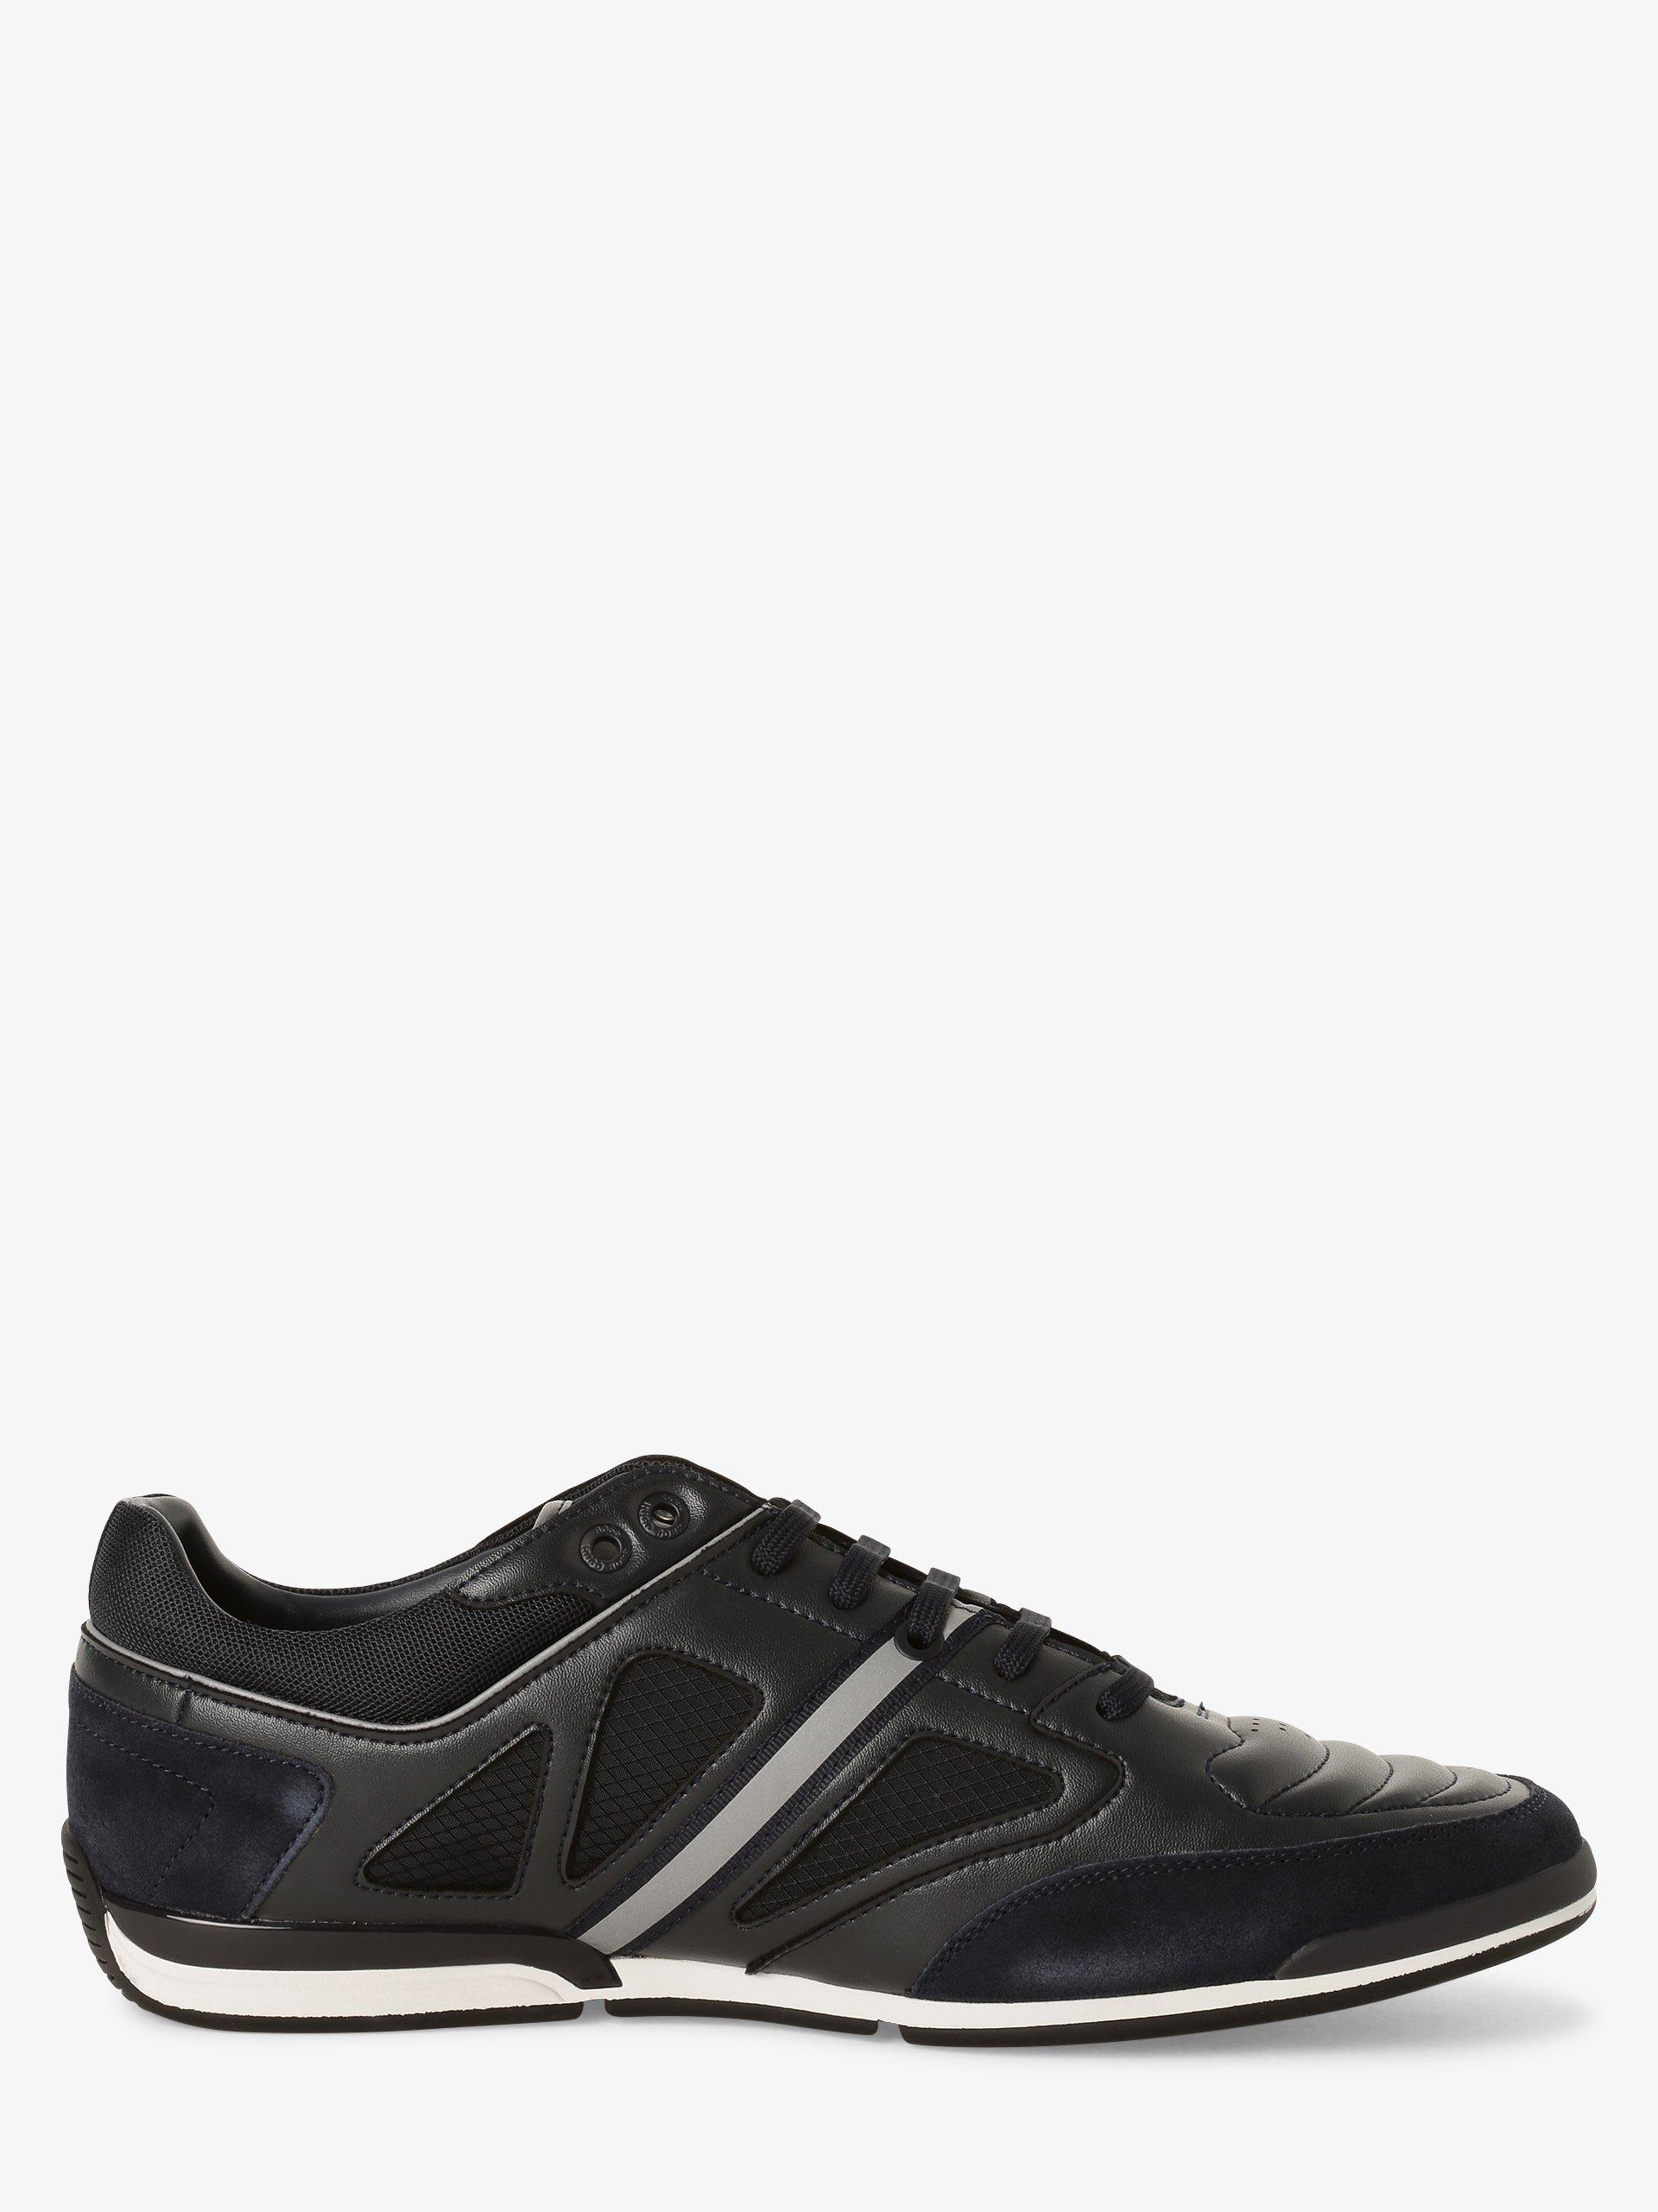 BOSS Herren Sneaker mit Leder-Anteil - Saturn_Lowp_strf